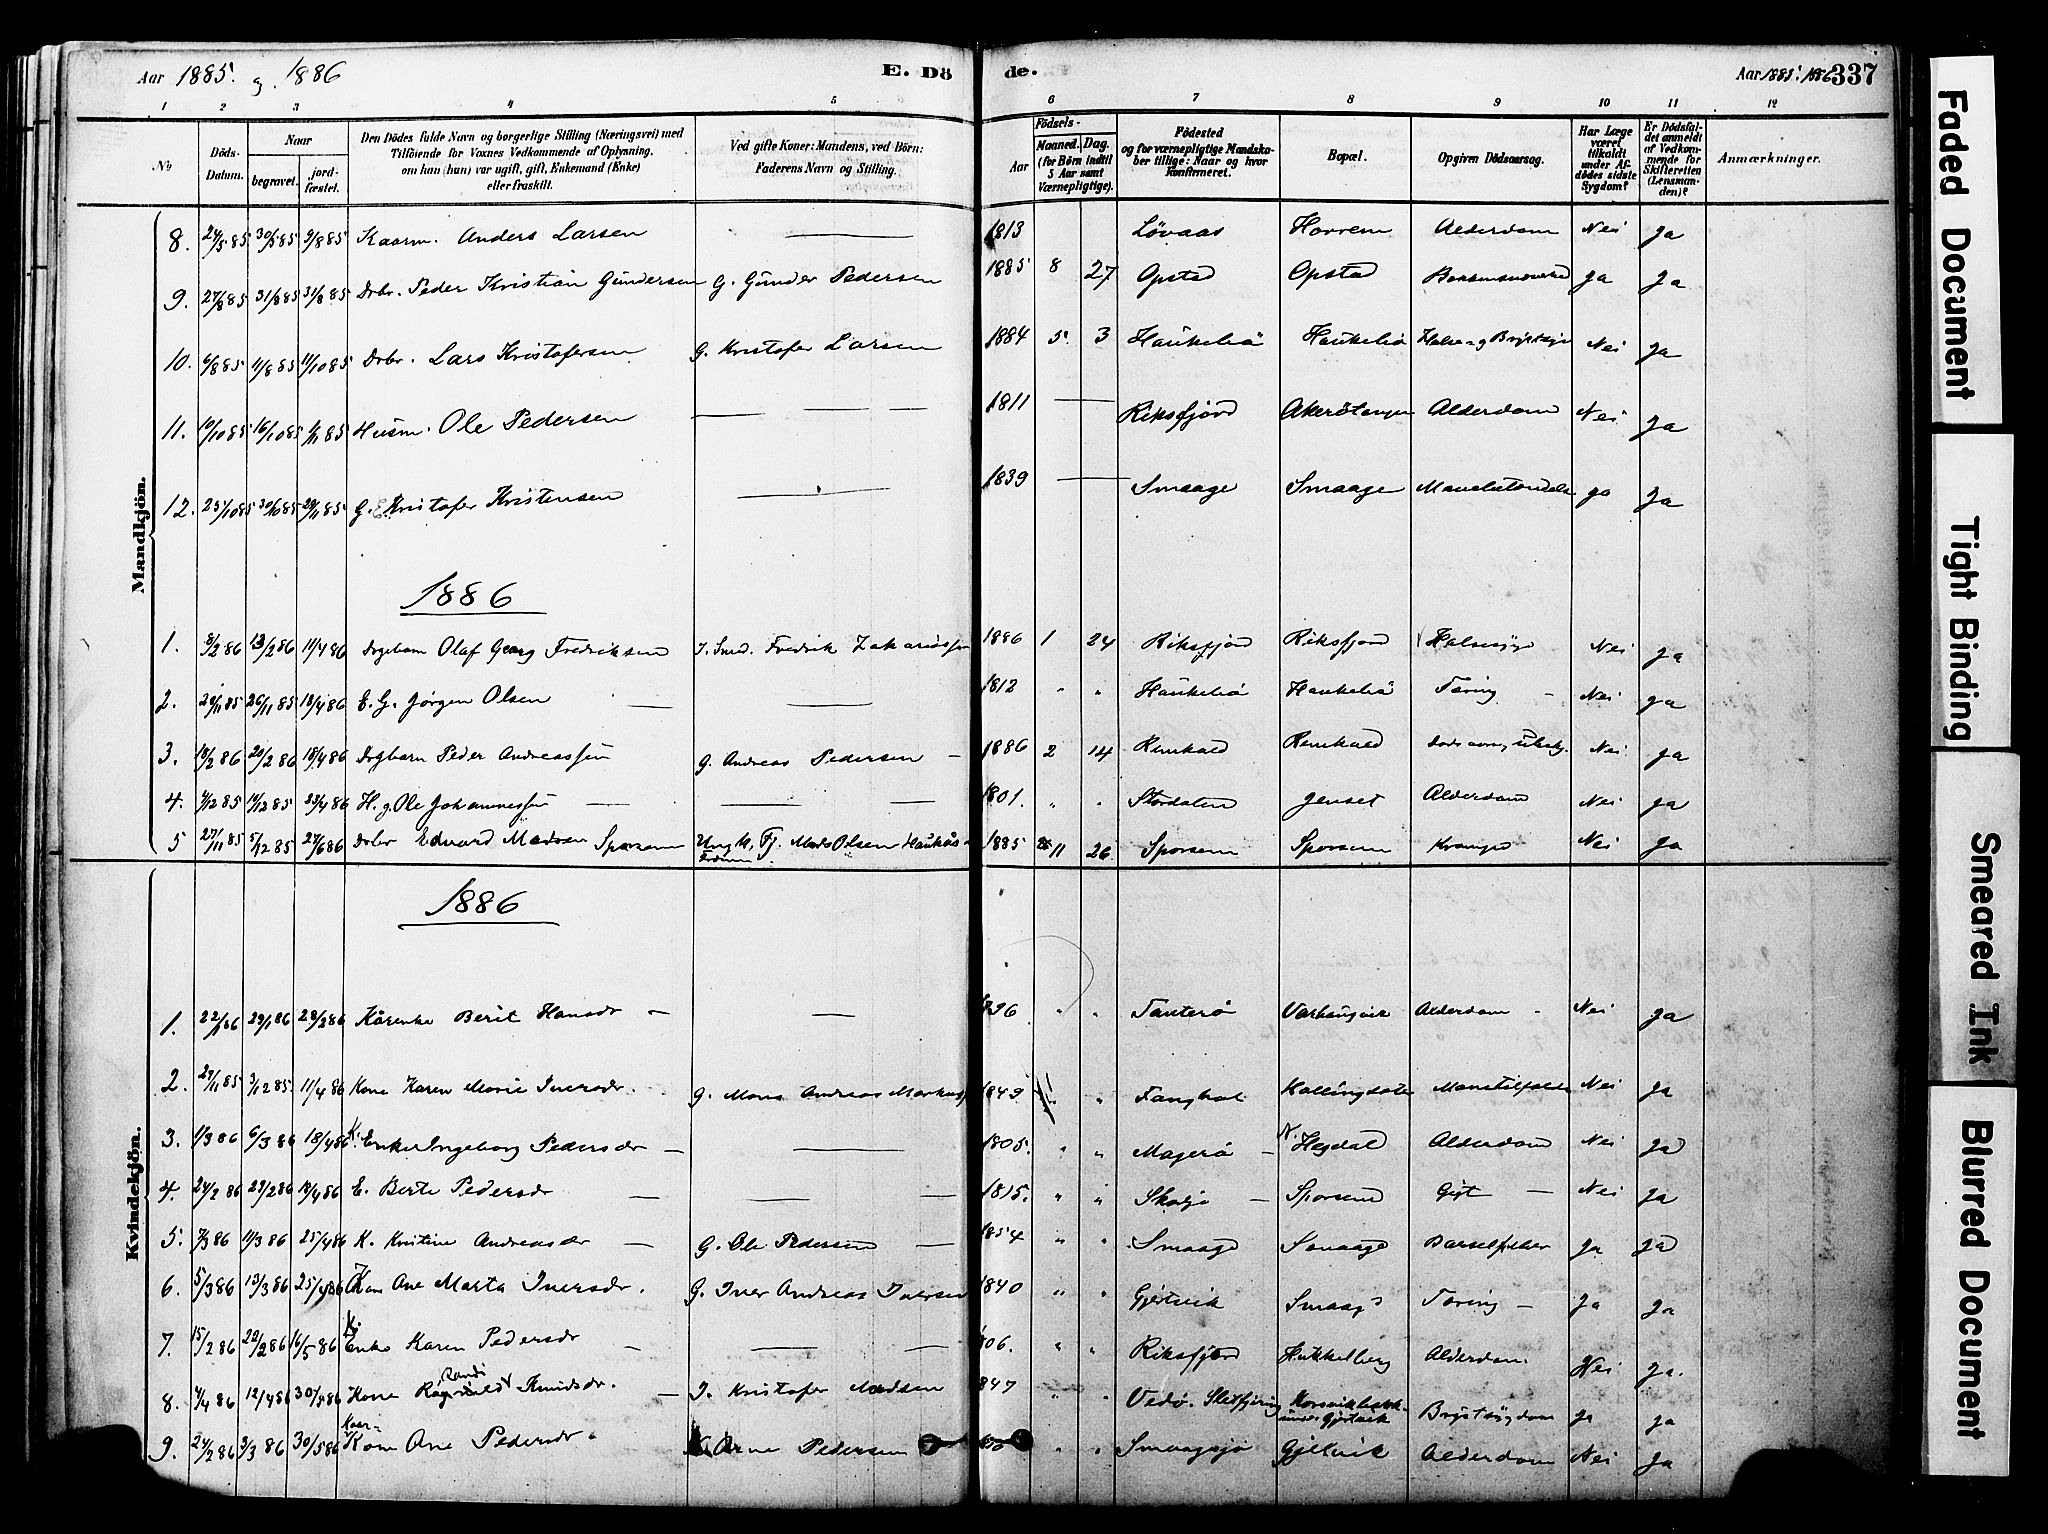 SAT, Ministerialprotokoller, klokkerbøker og fødselsregistre - Møre og Romsdal, 560/L0721: Parish register (official) no. 560A05, 1878-1917, p. 337